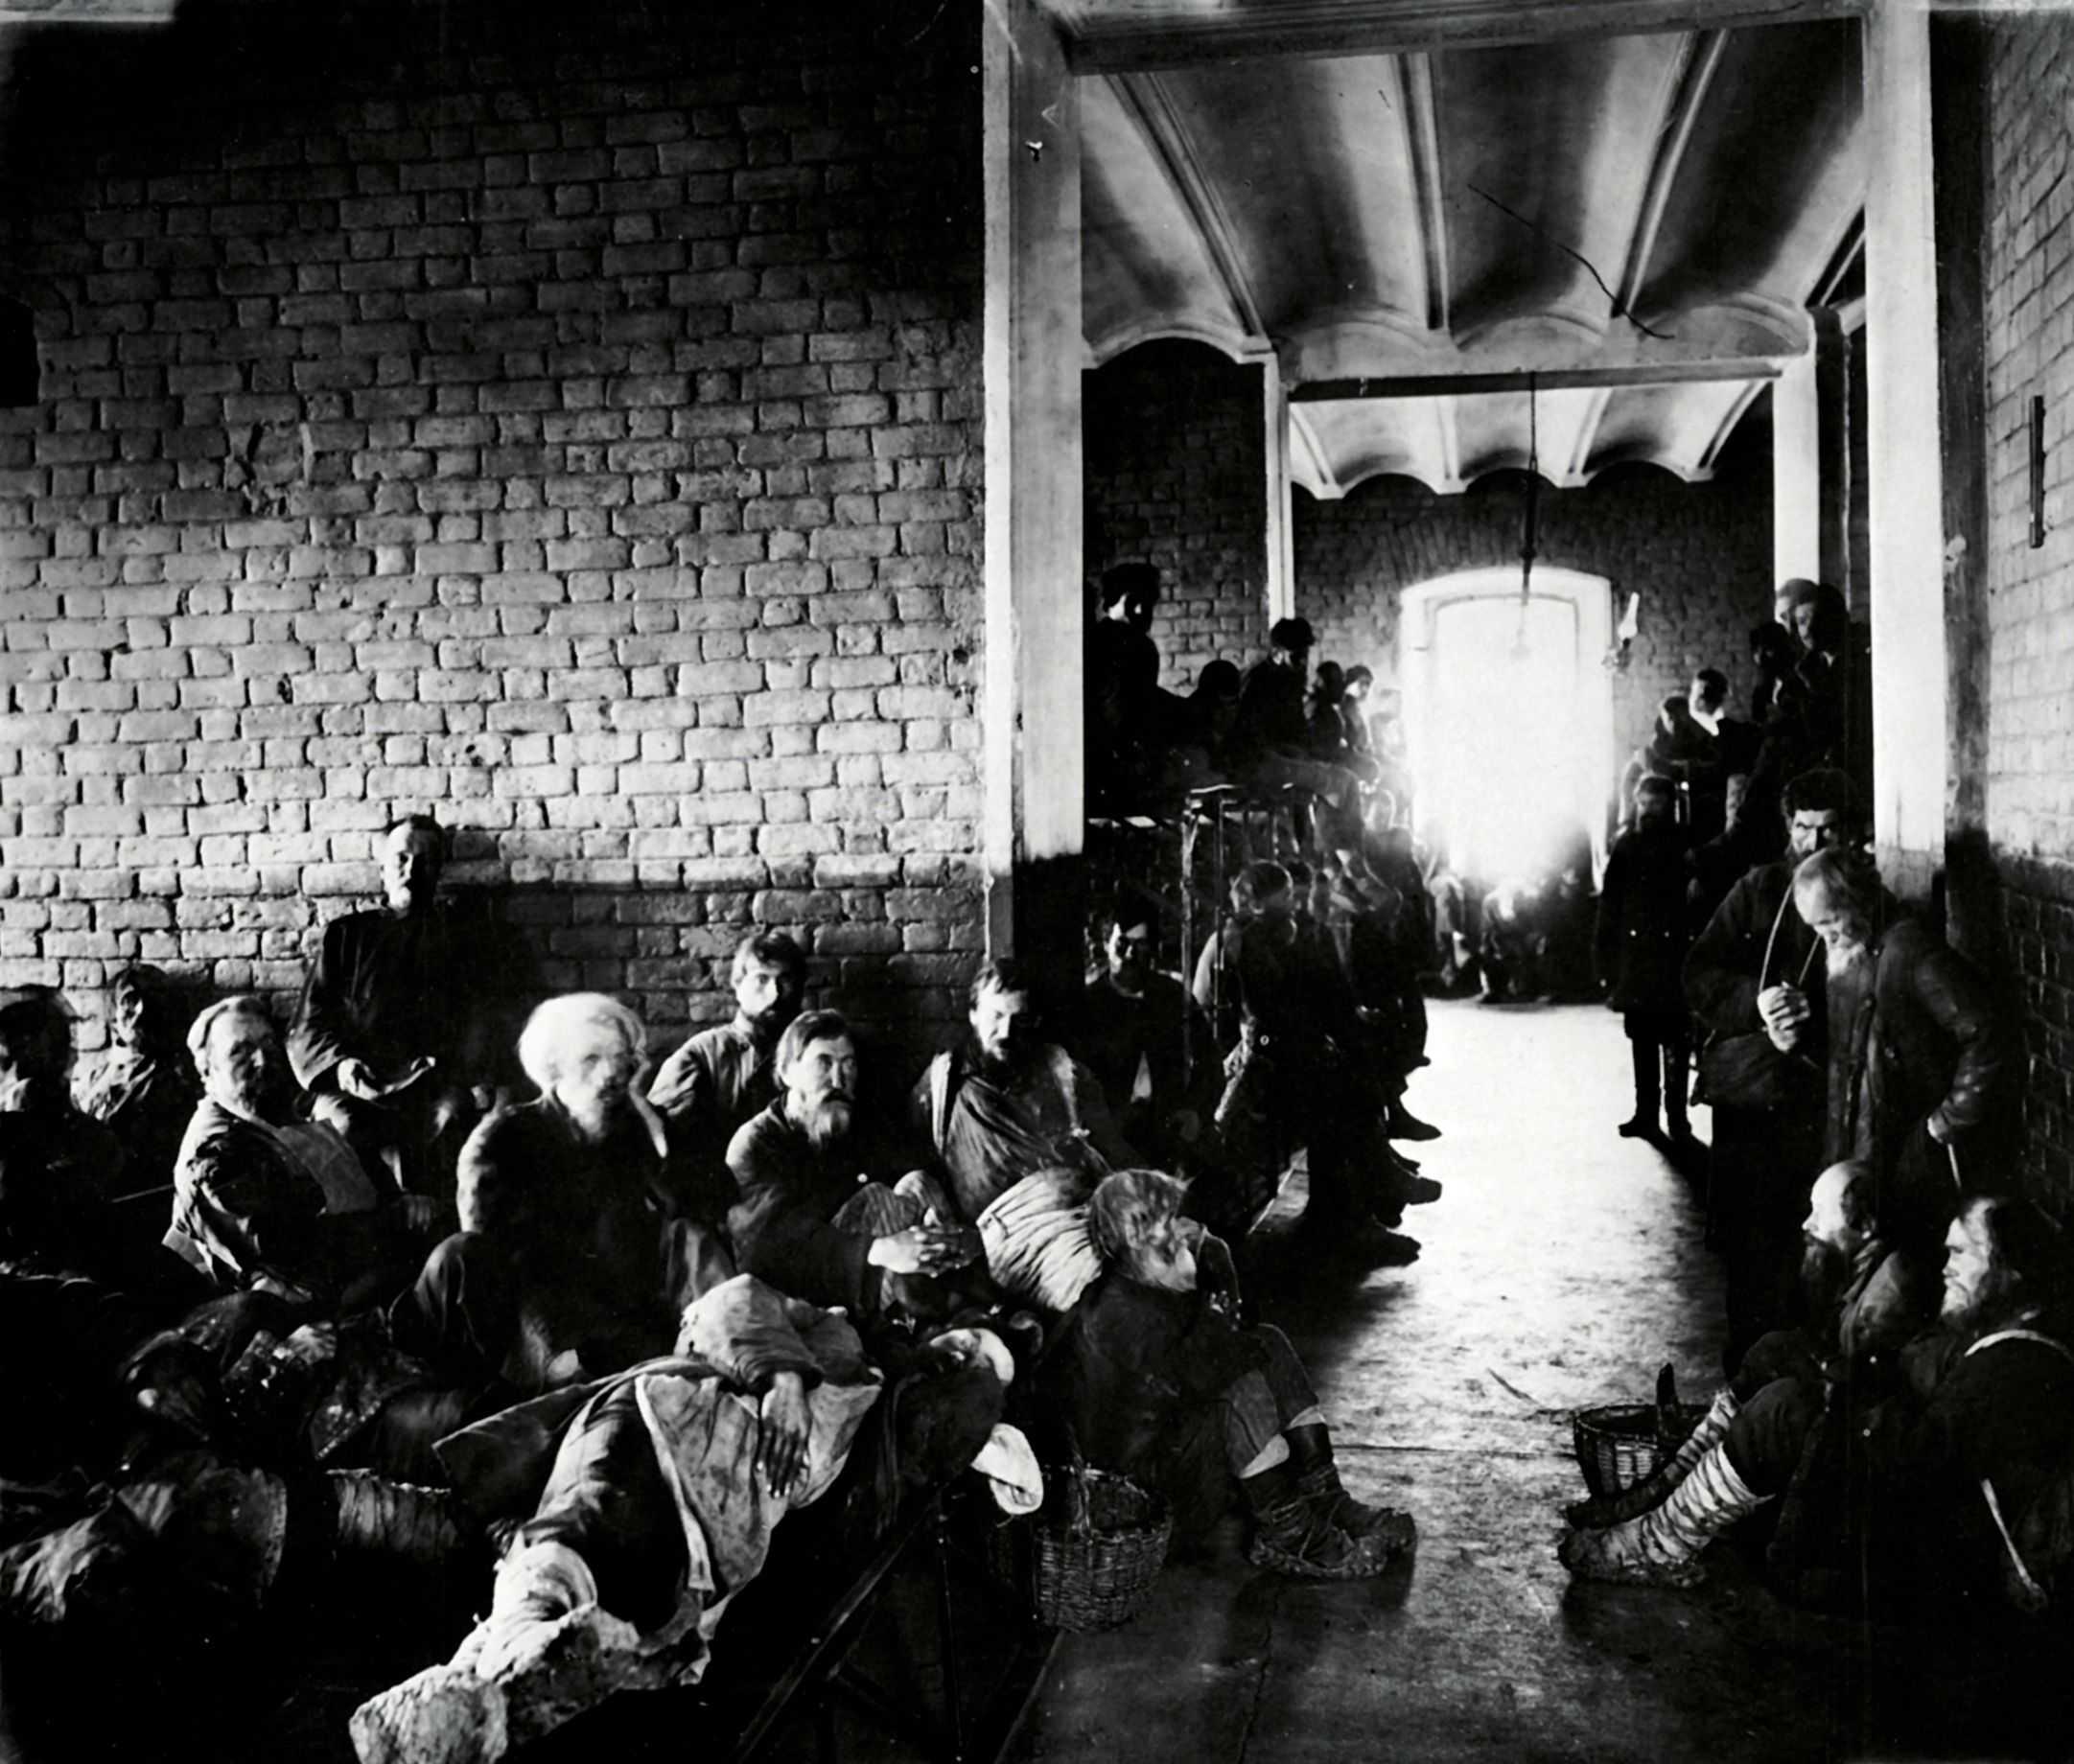 Россия максим дмитриев фото бугрова стих-поздравление кавказское Днем